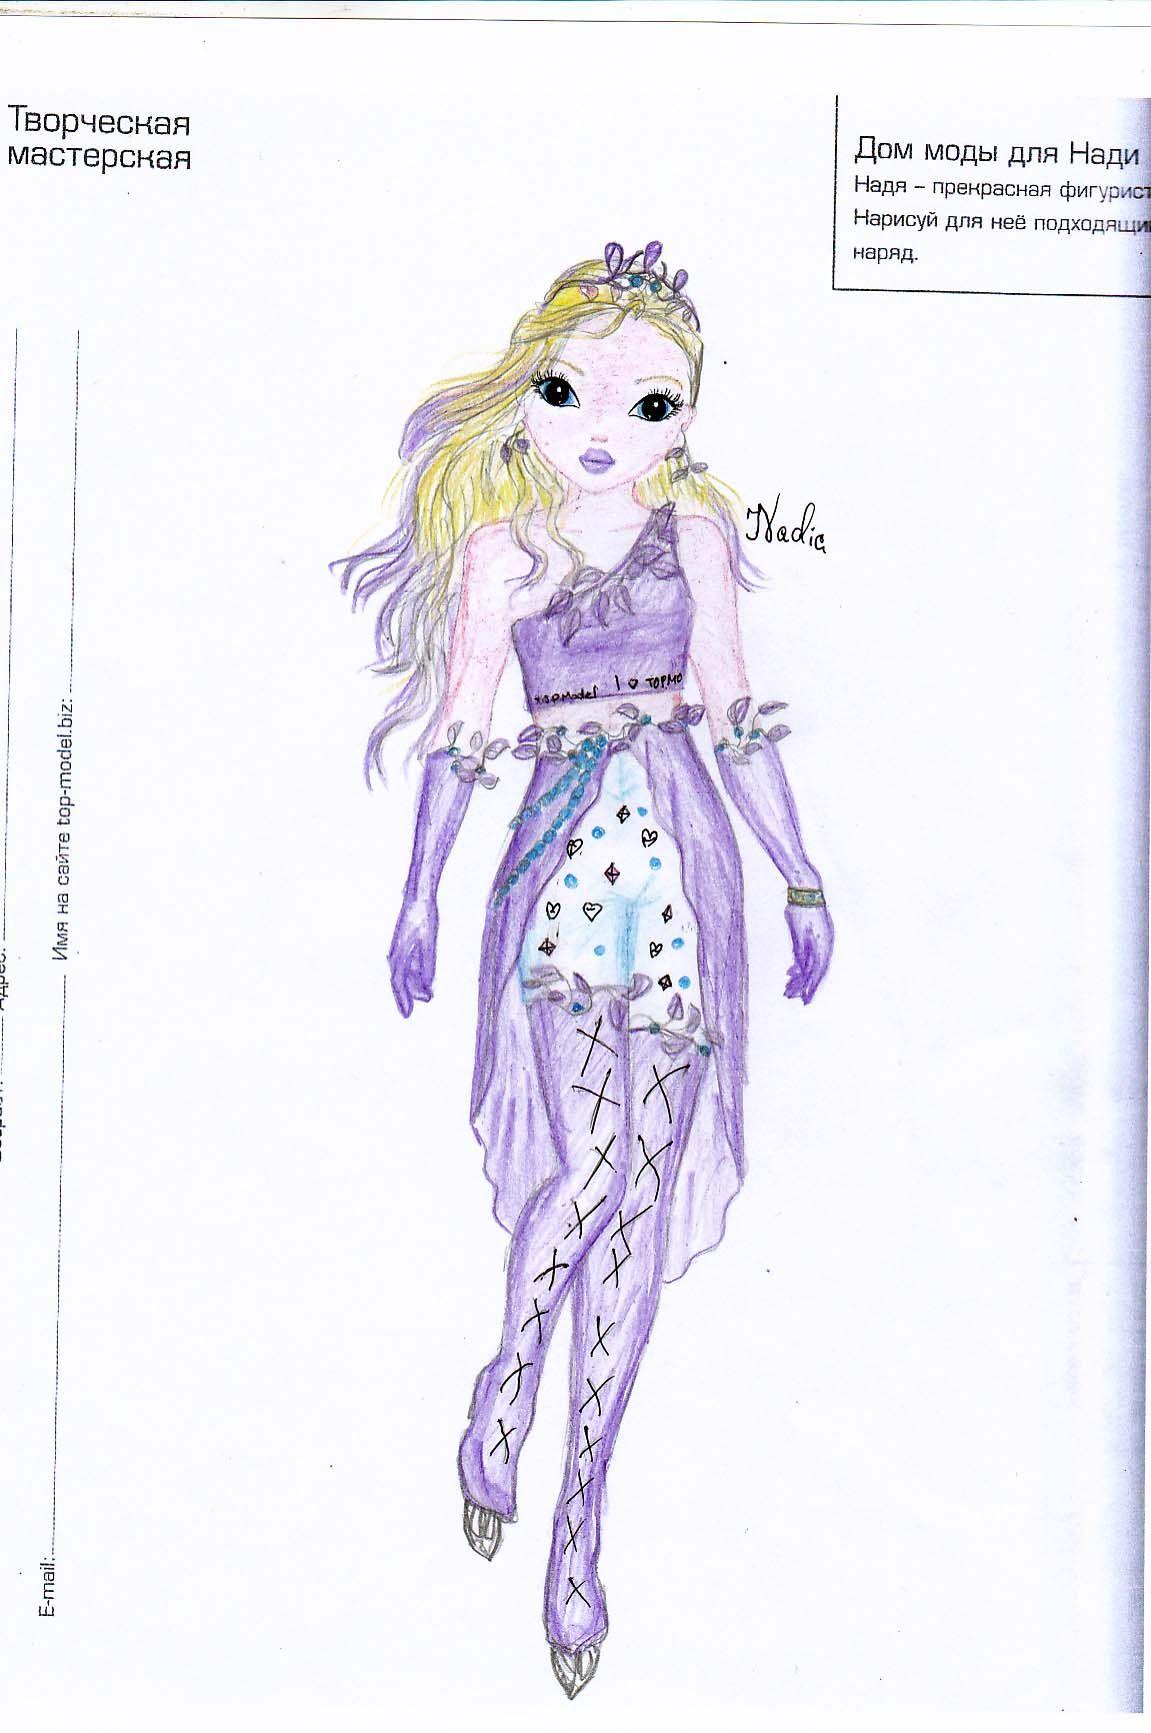 Marina M., 11 jaar